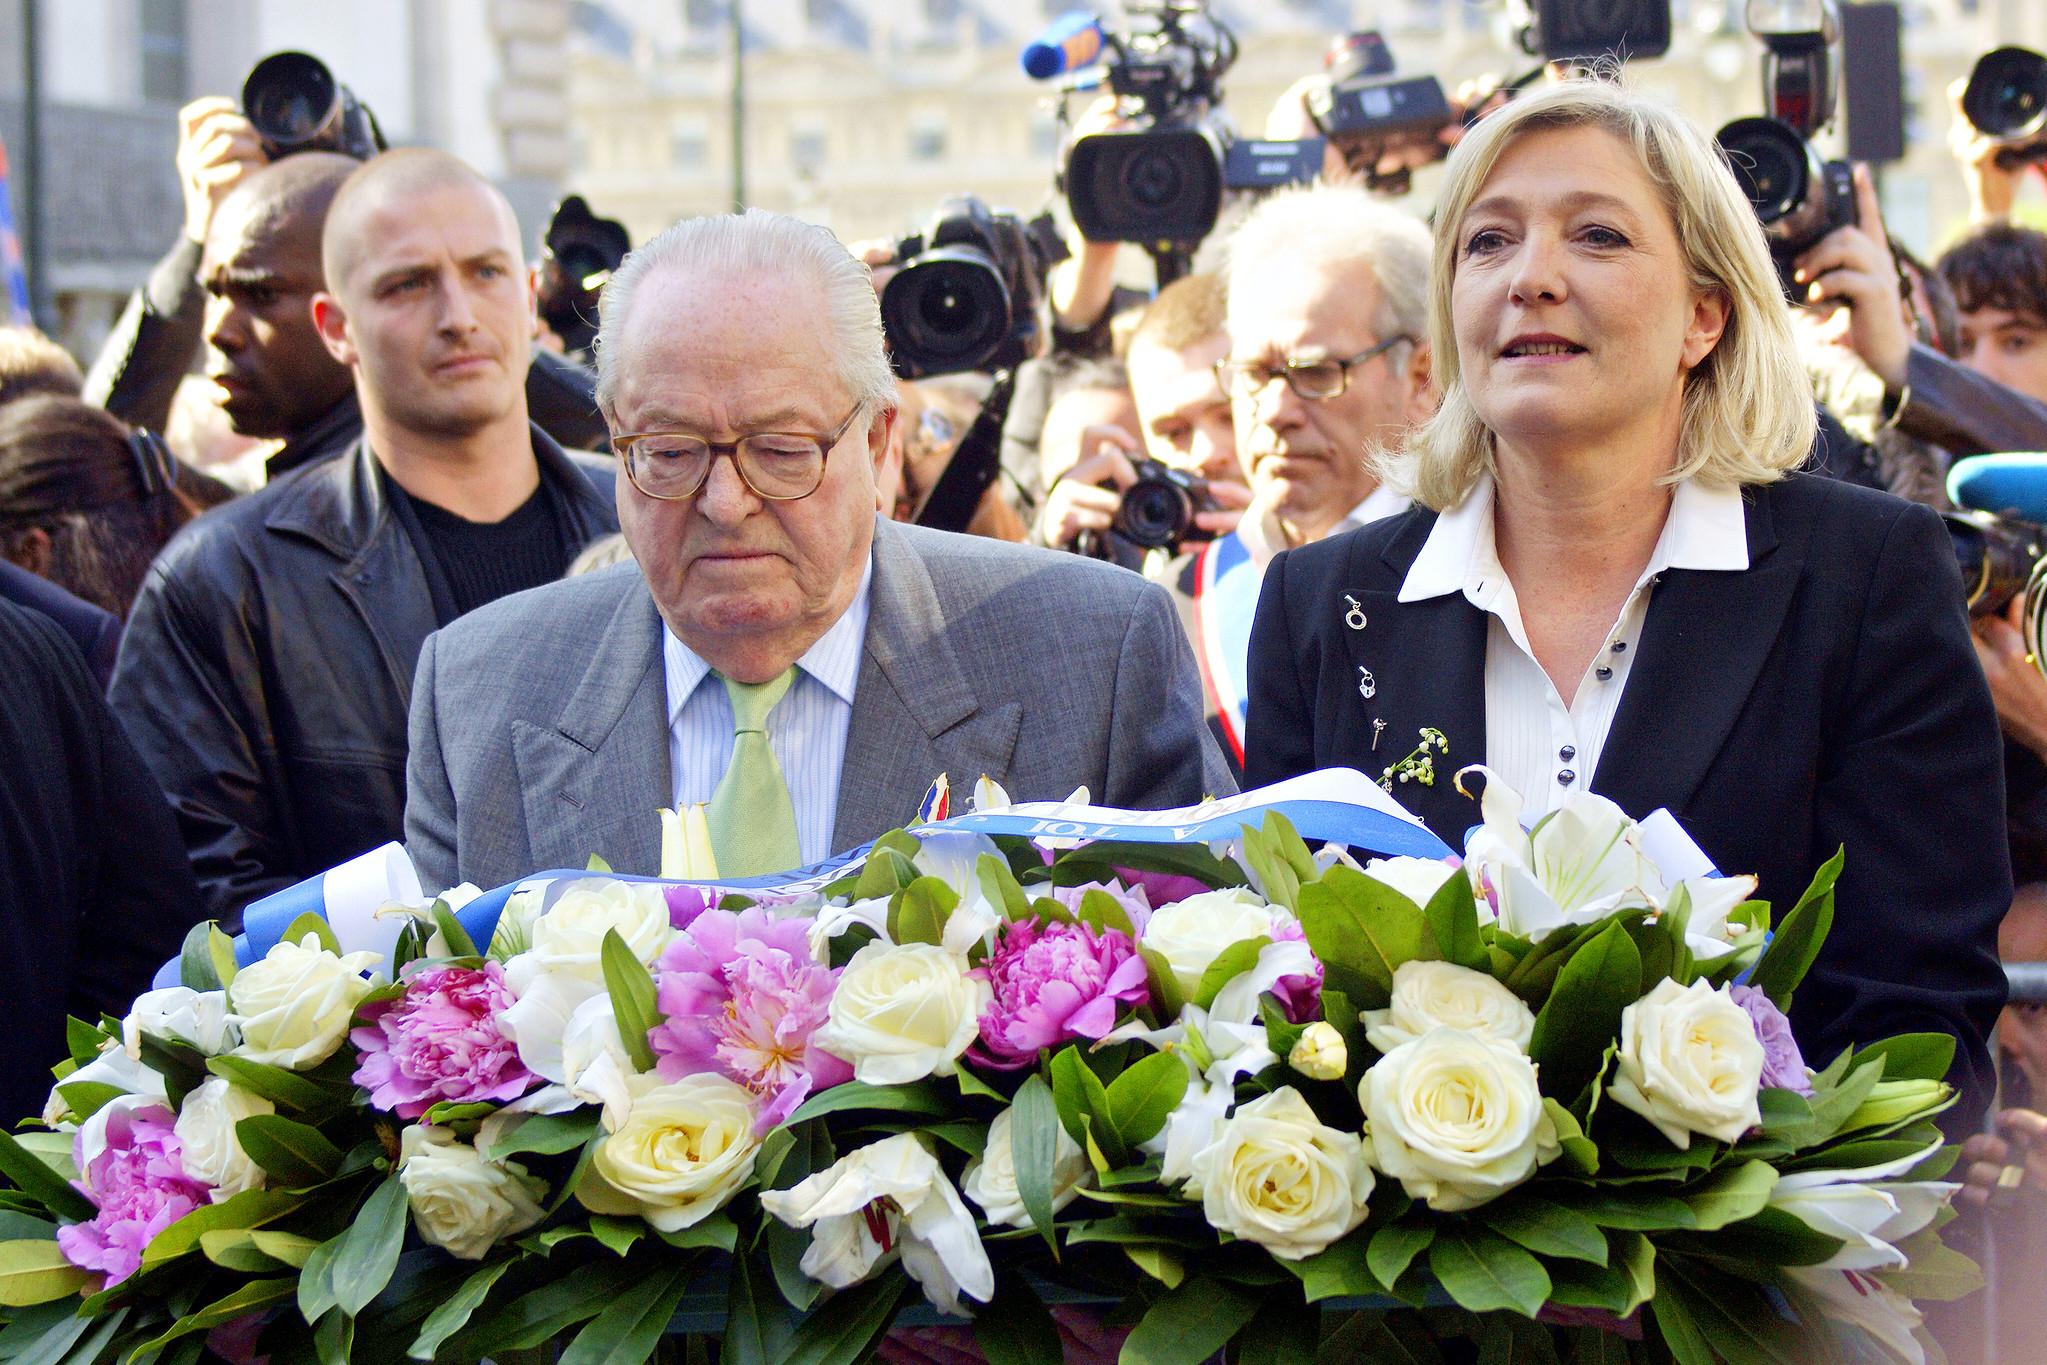 Le Pen no es hija del liberalismo